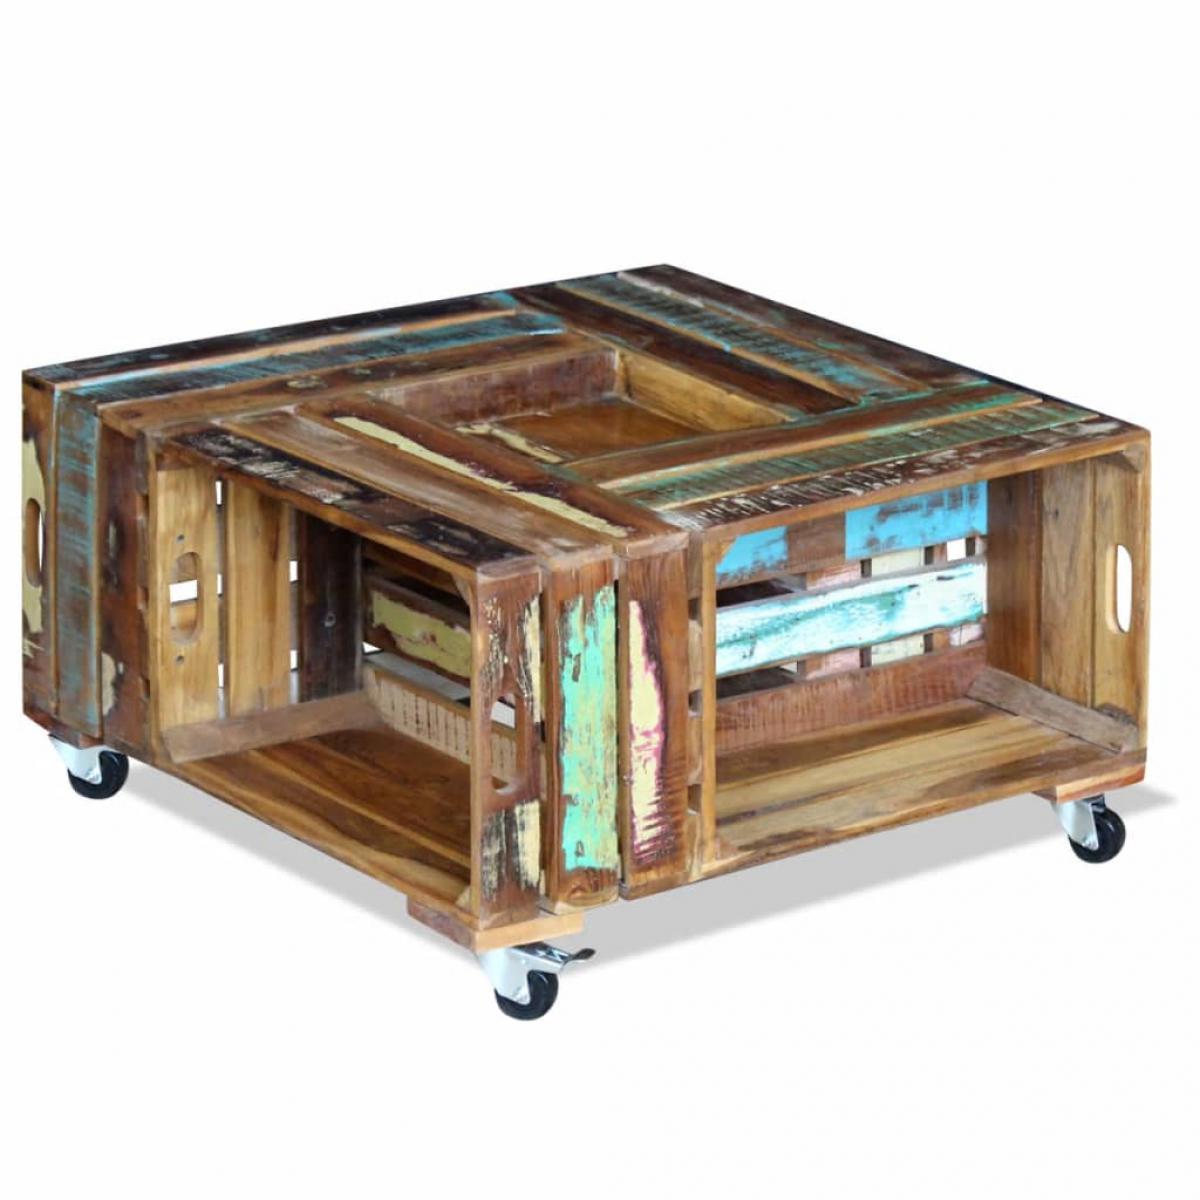 Chunhelife Table basse Bois de récupération massif 70 x 70 x 35 cm